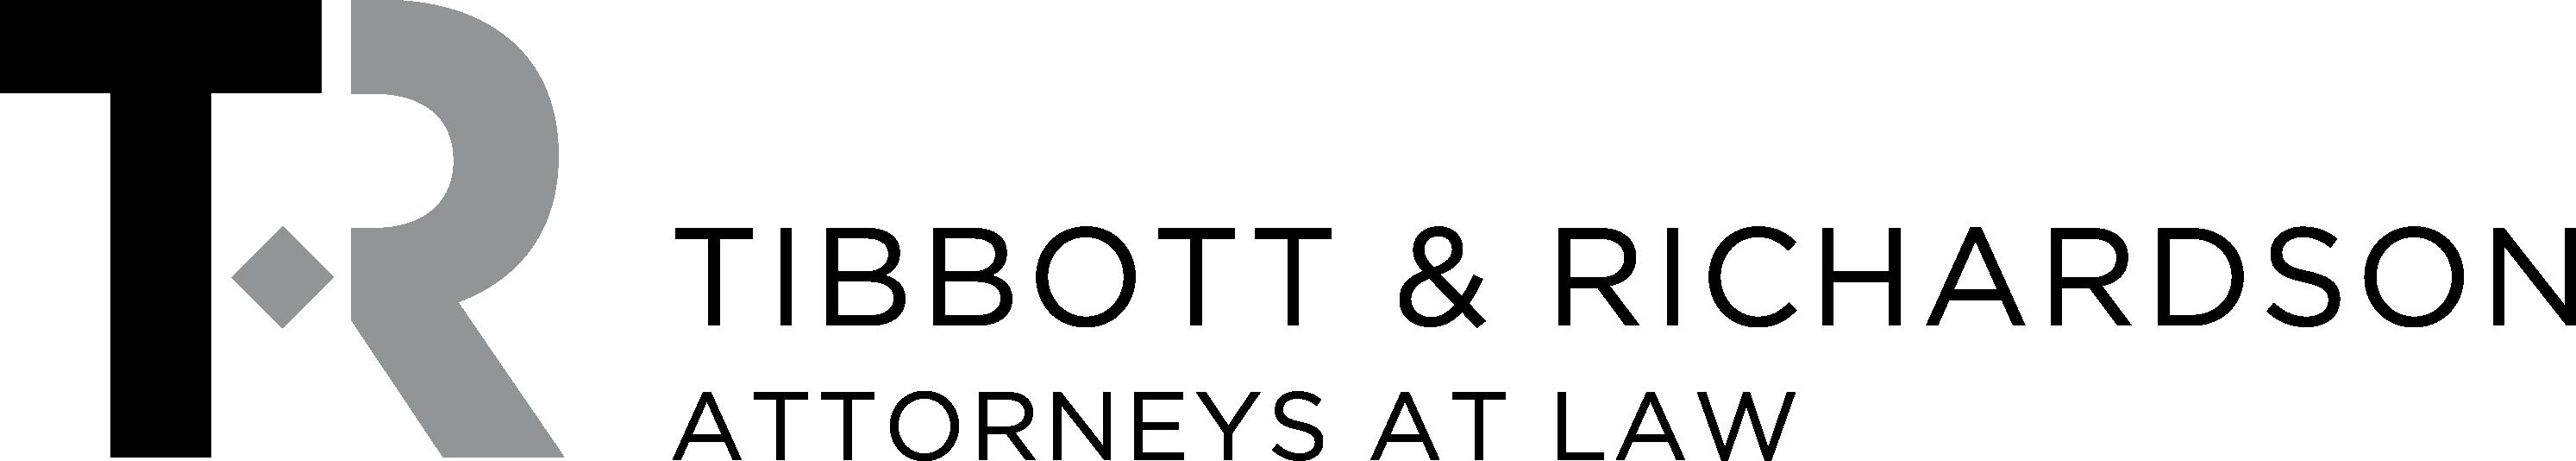 Tibbott & Richardson logo